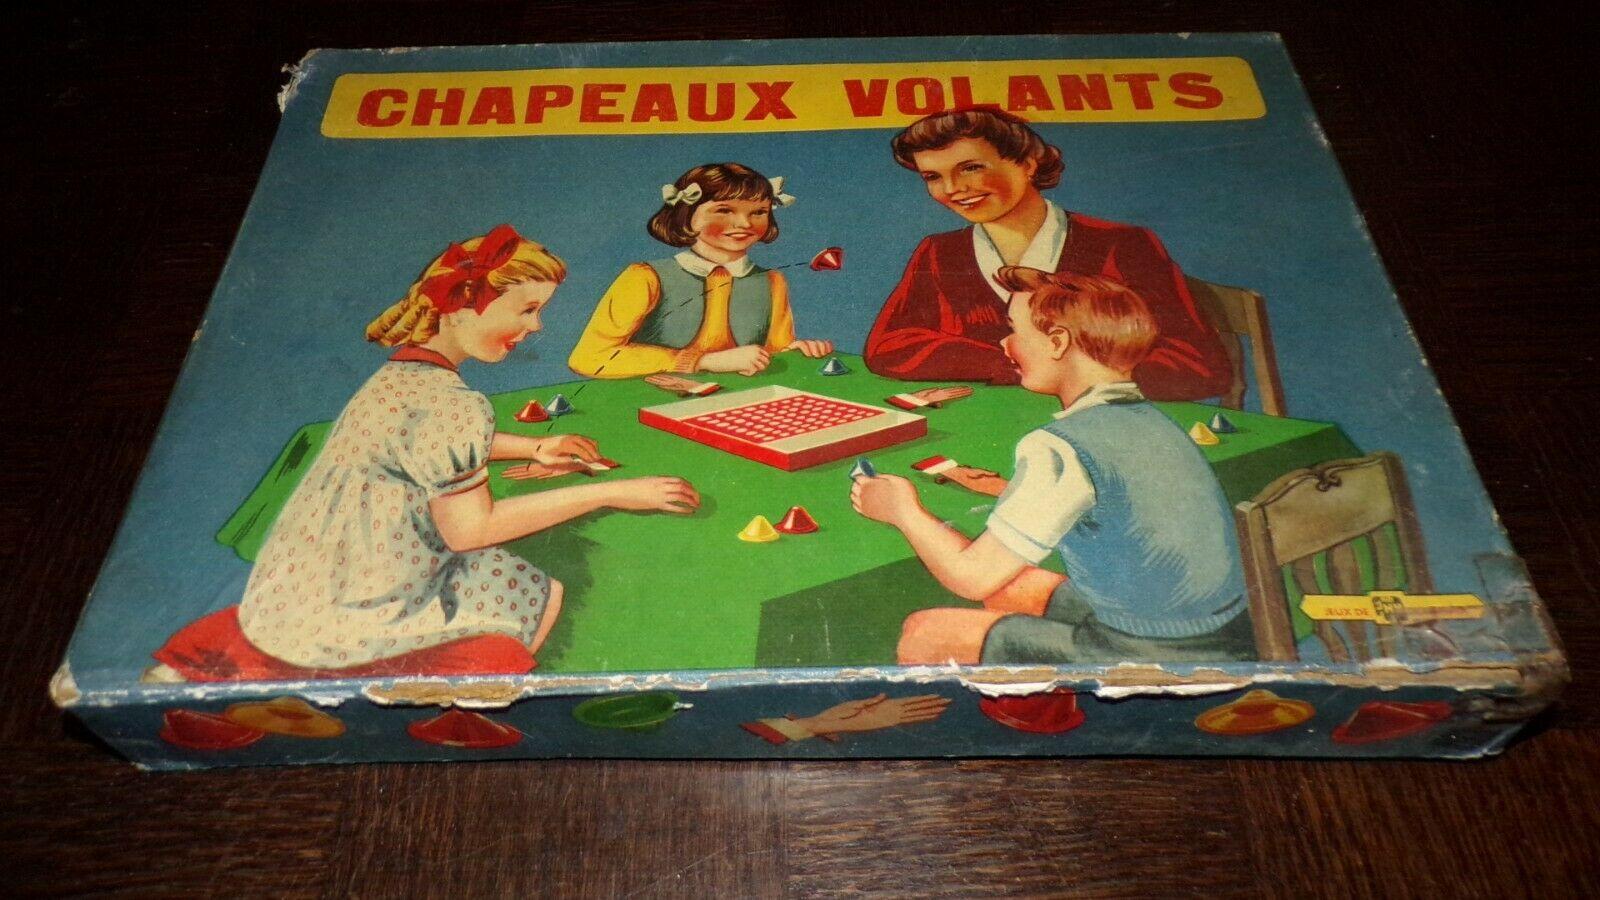 Marque De Mode Pas Cher Jouets Et Jeux Jouet / Jeu avec Jeu Des Chapeaux